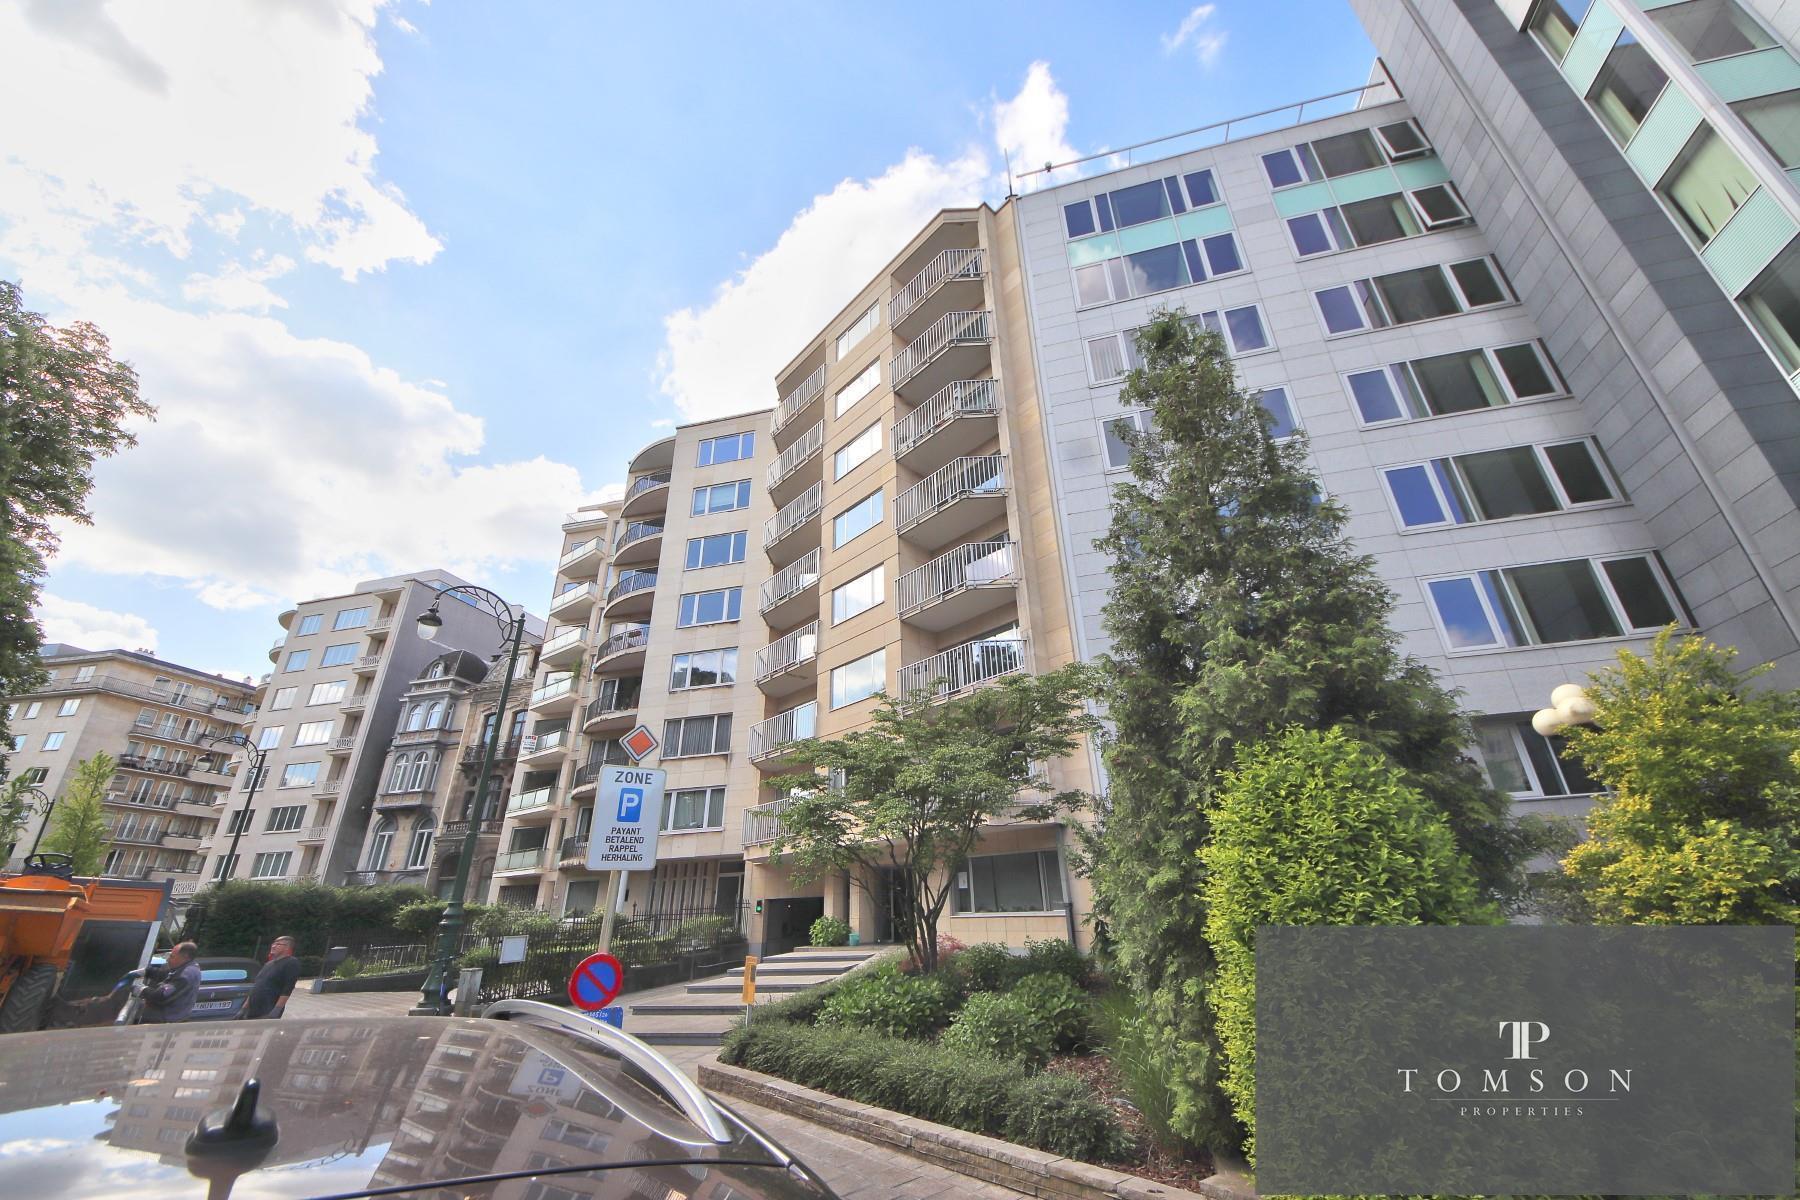 Appartement - Woluwe-Saint-Pierre - #4426238-14